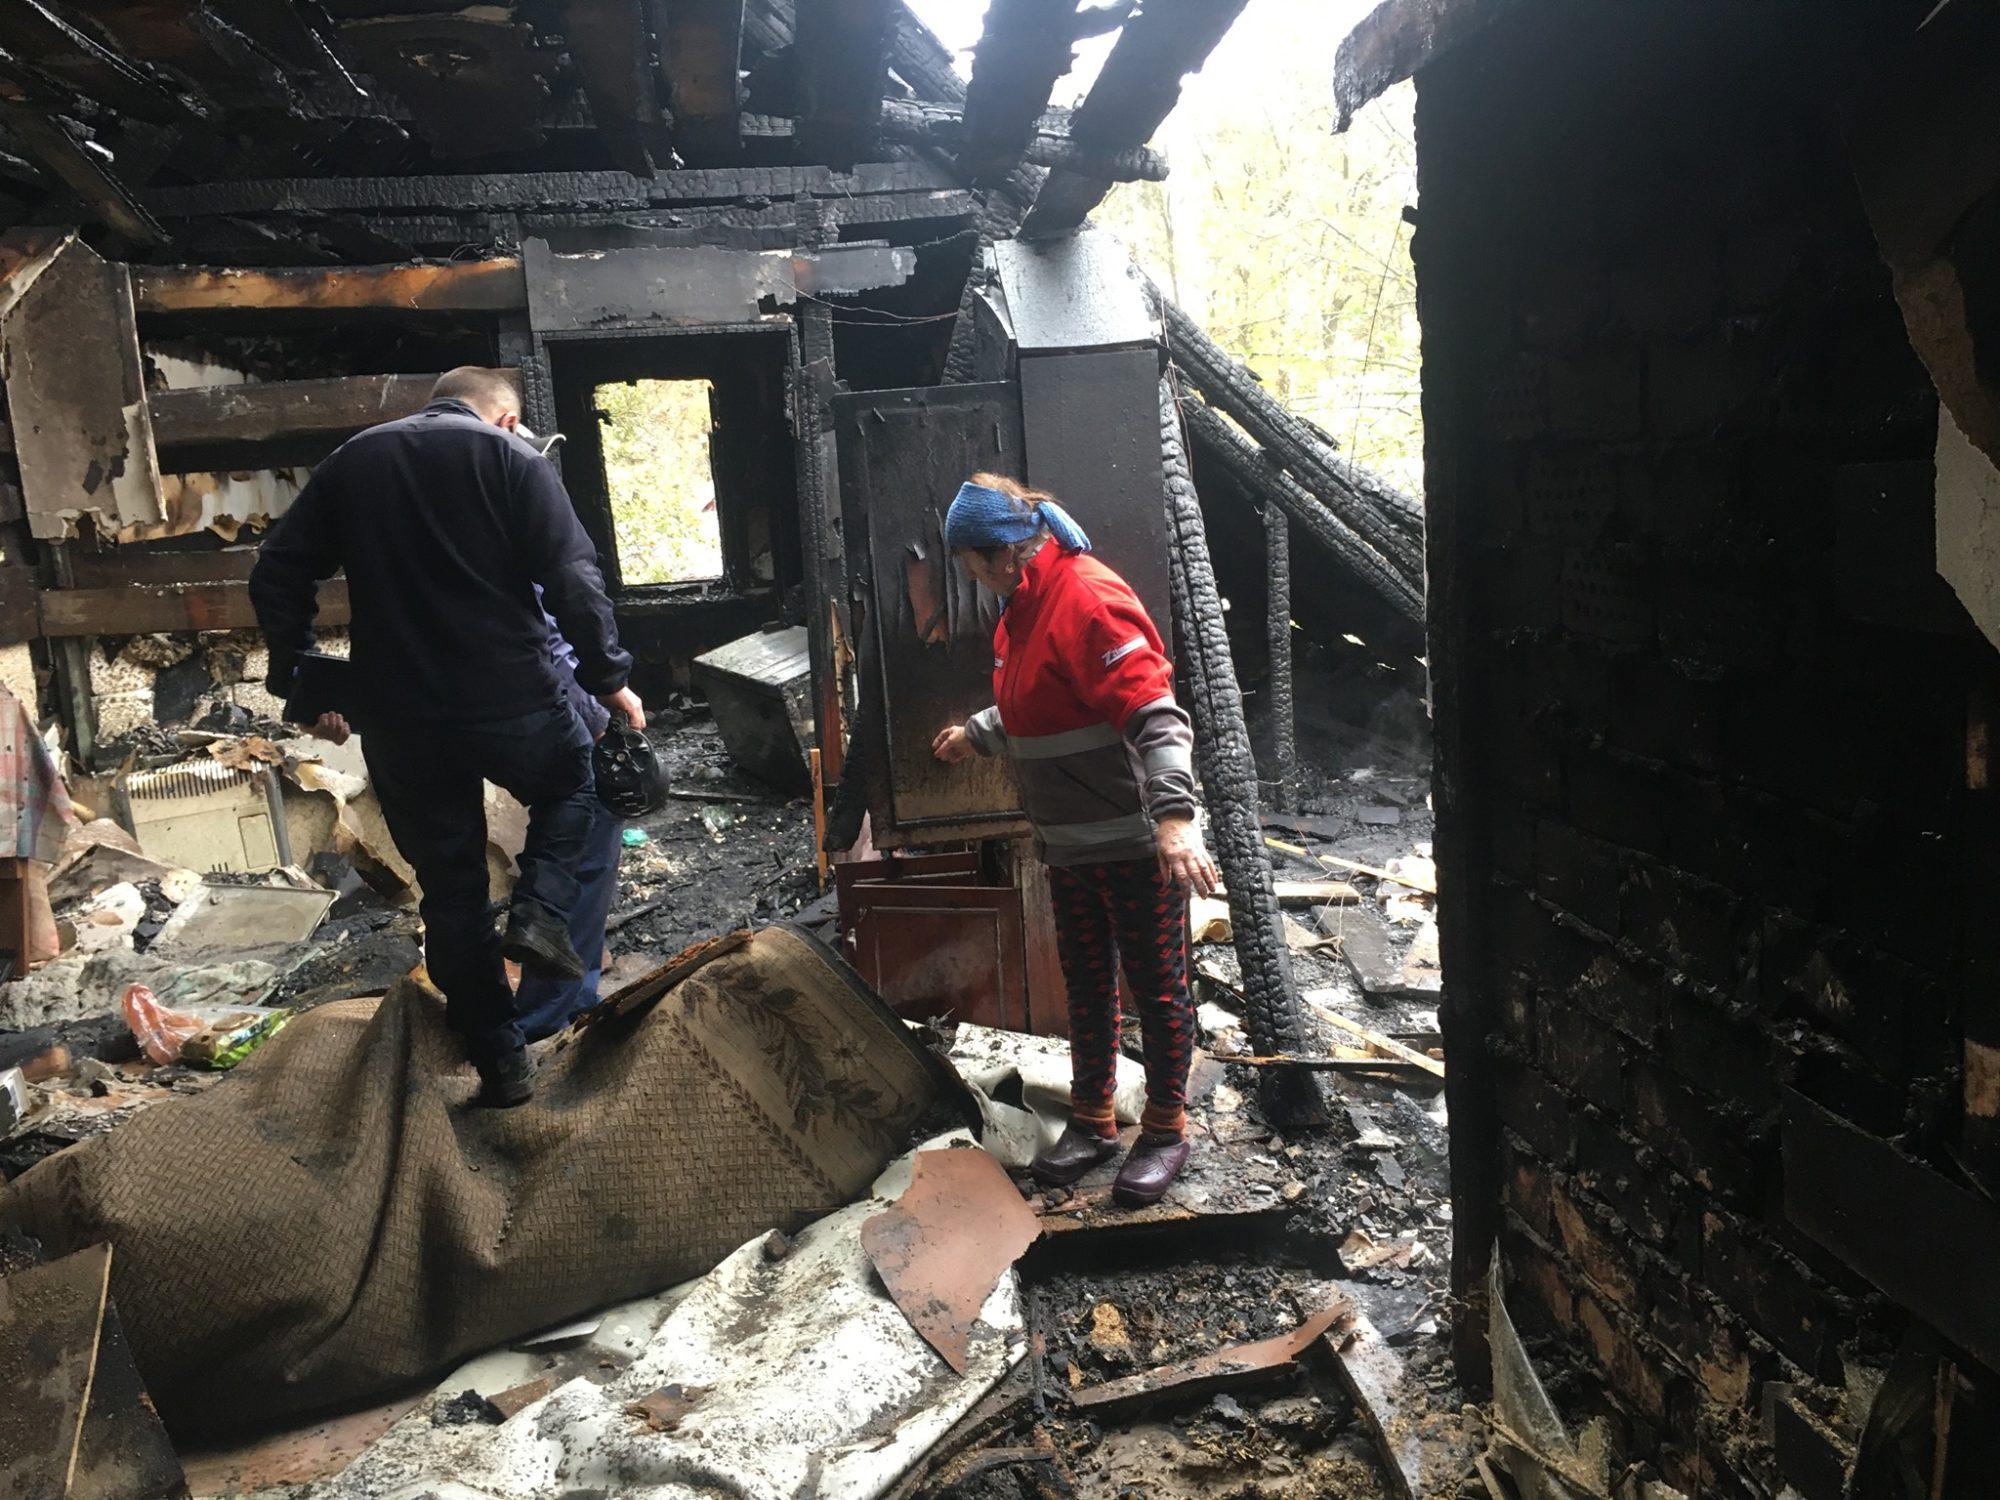 Мансарда у вогні: в Бучі горів будинок - рятувальники, пожежа будинку, київщина, Бучанська ОТГ - Bucha gor Tarasiv 2000x1500